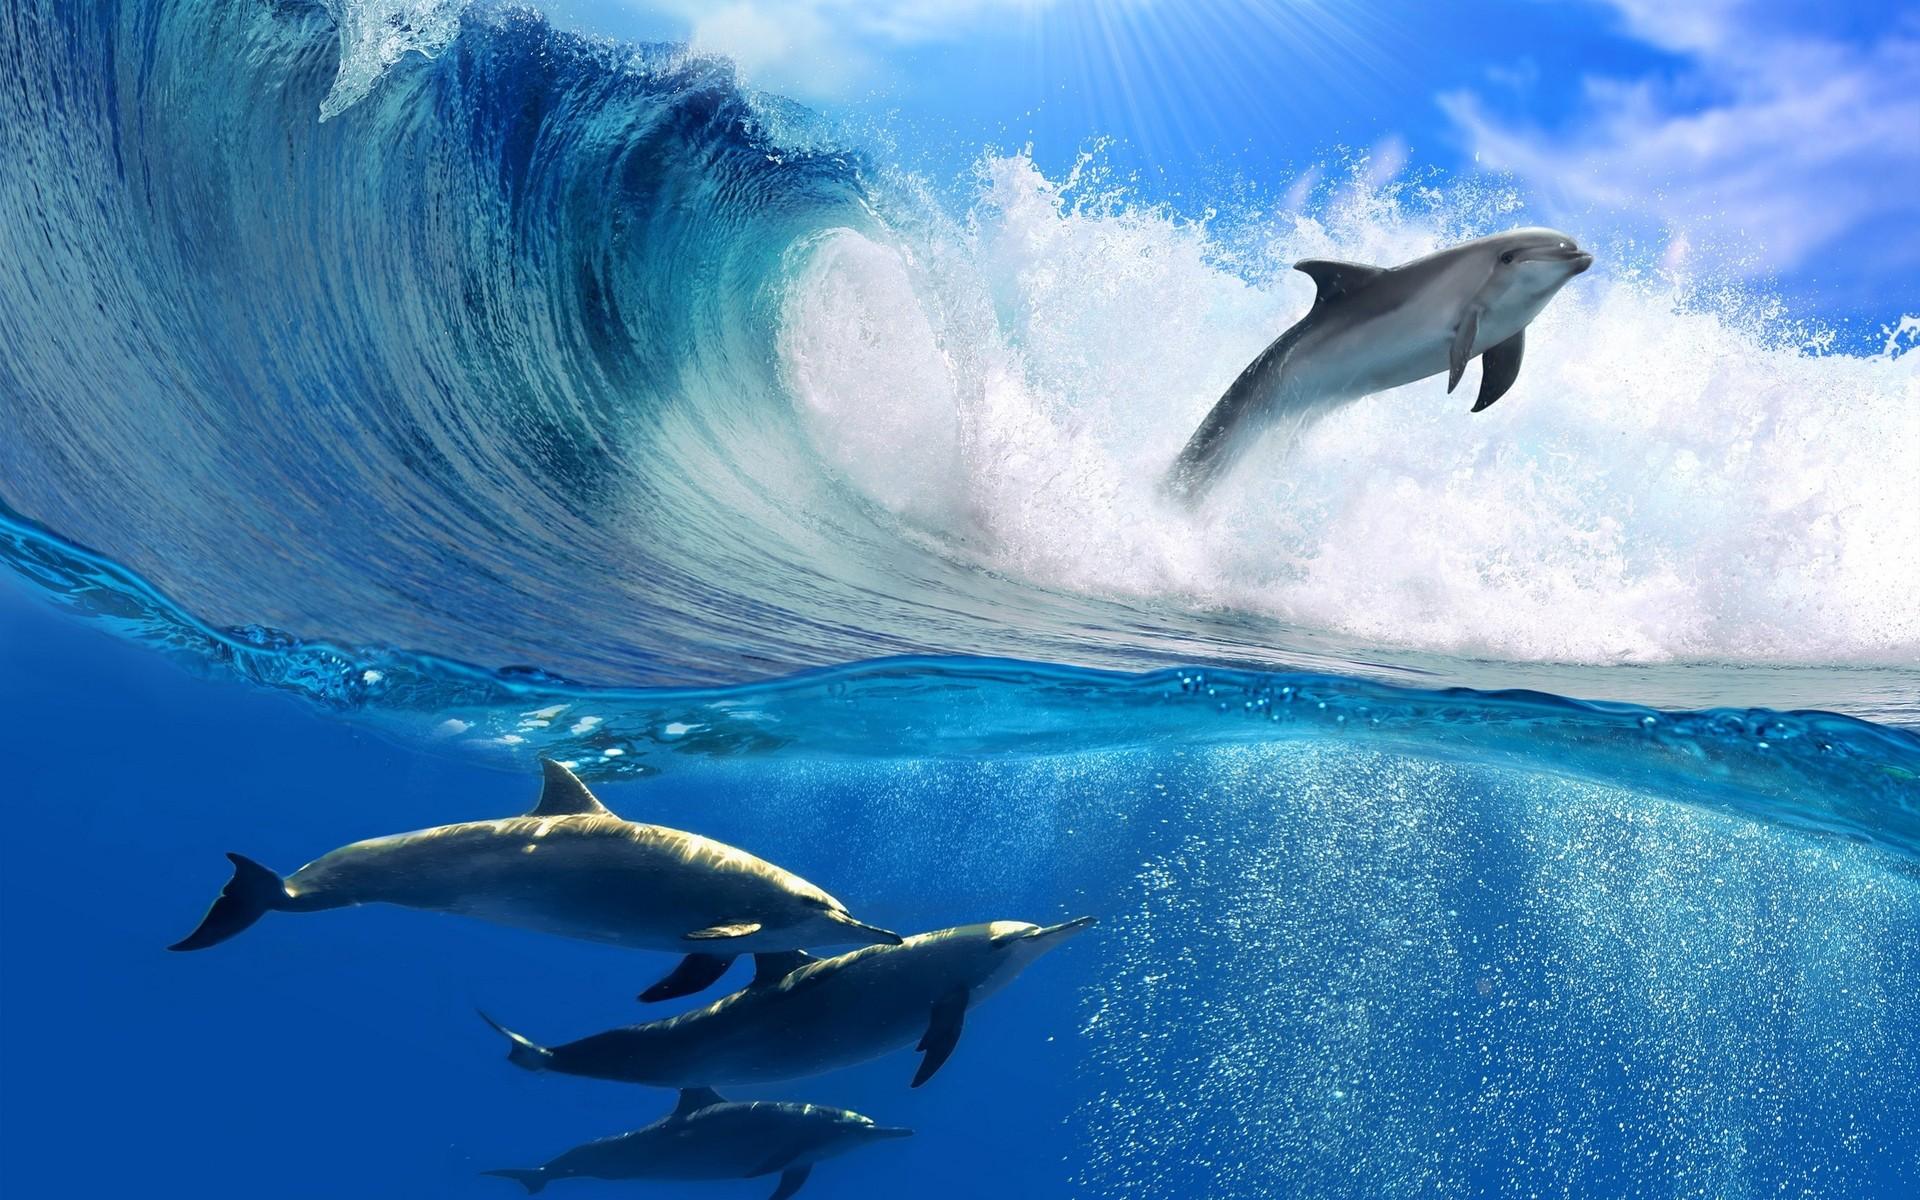 Скачать обои дельфины на рабочий стол бесплатно 9